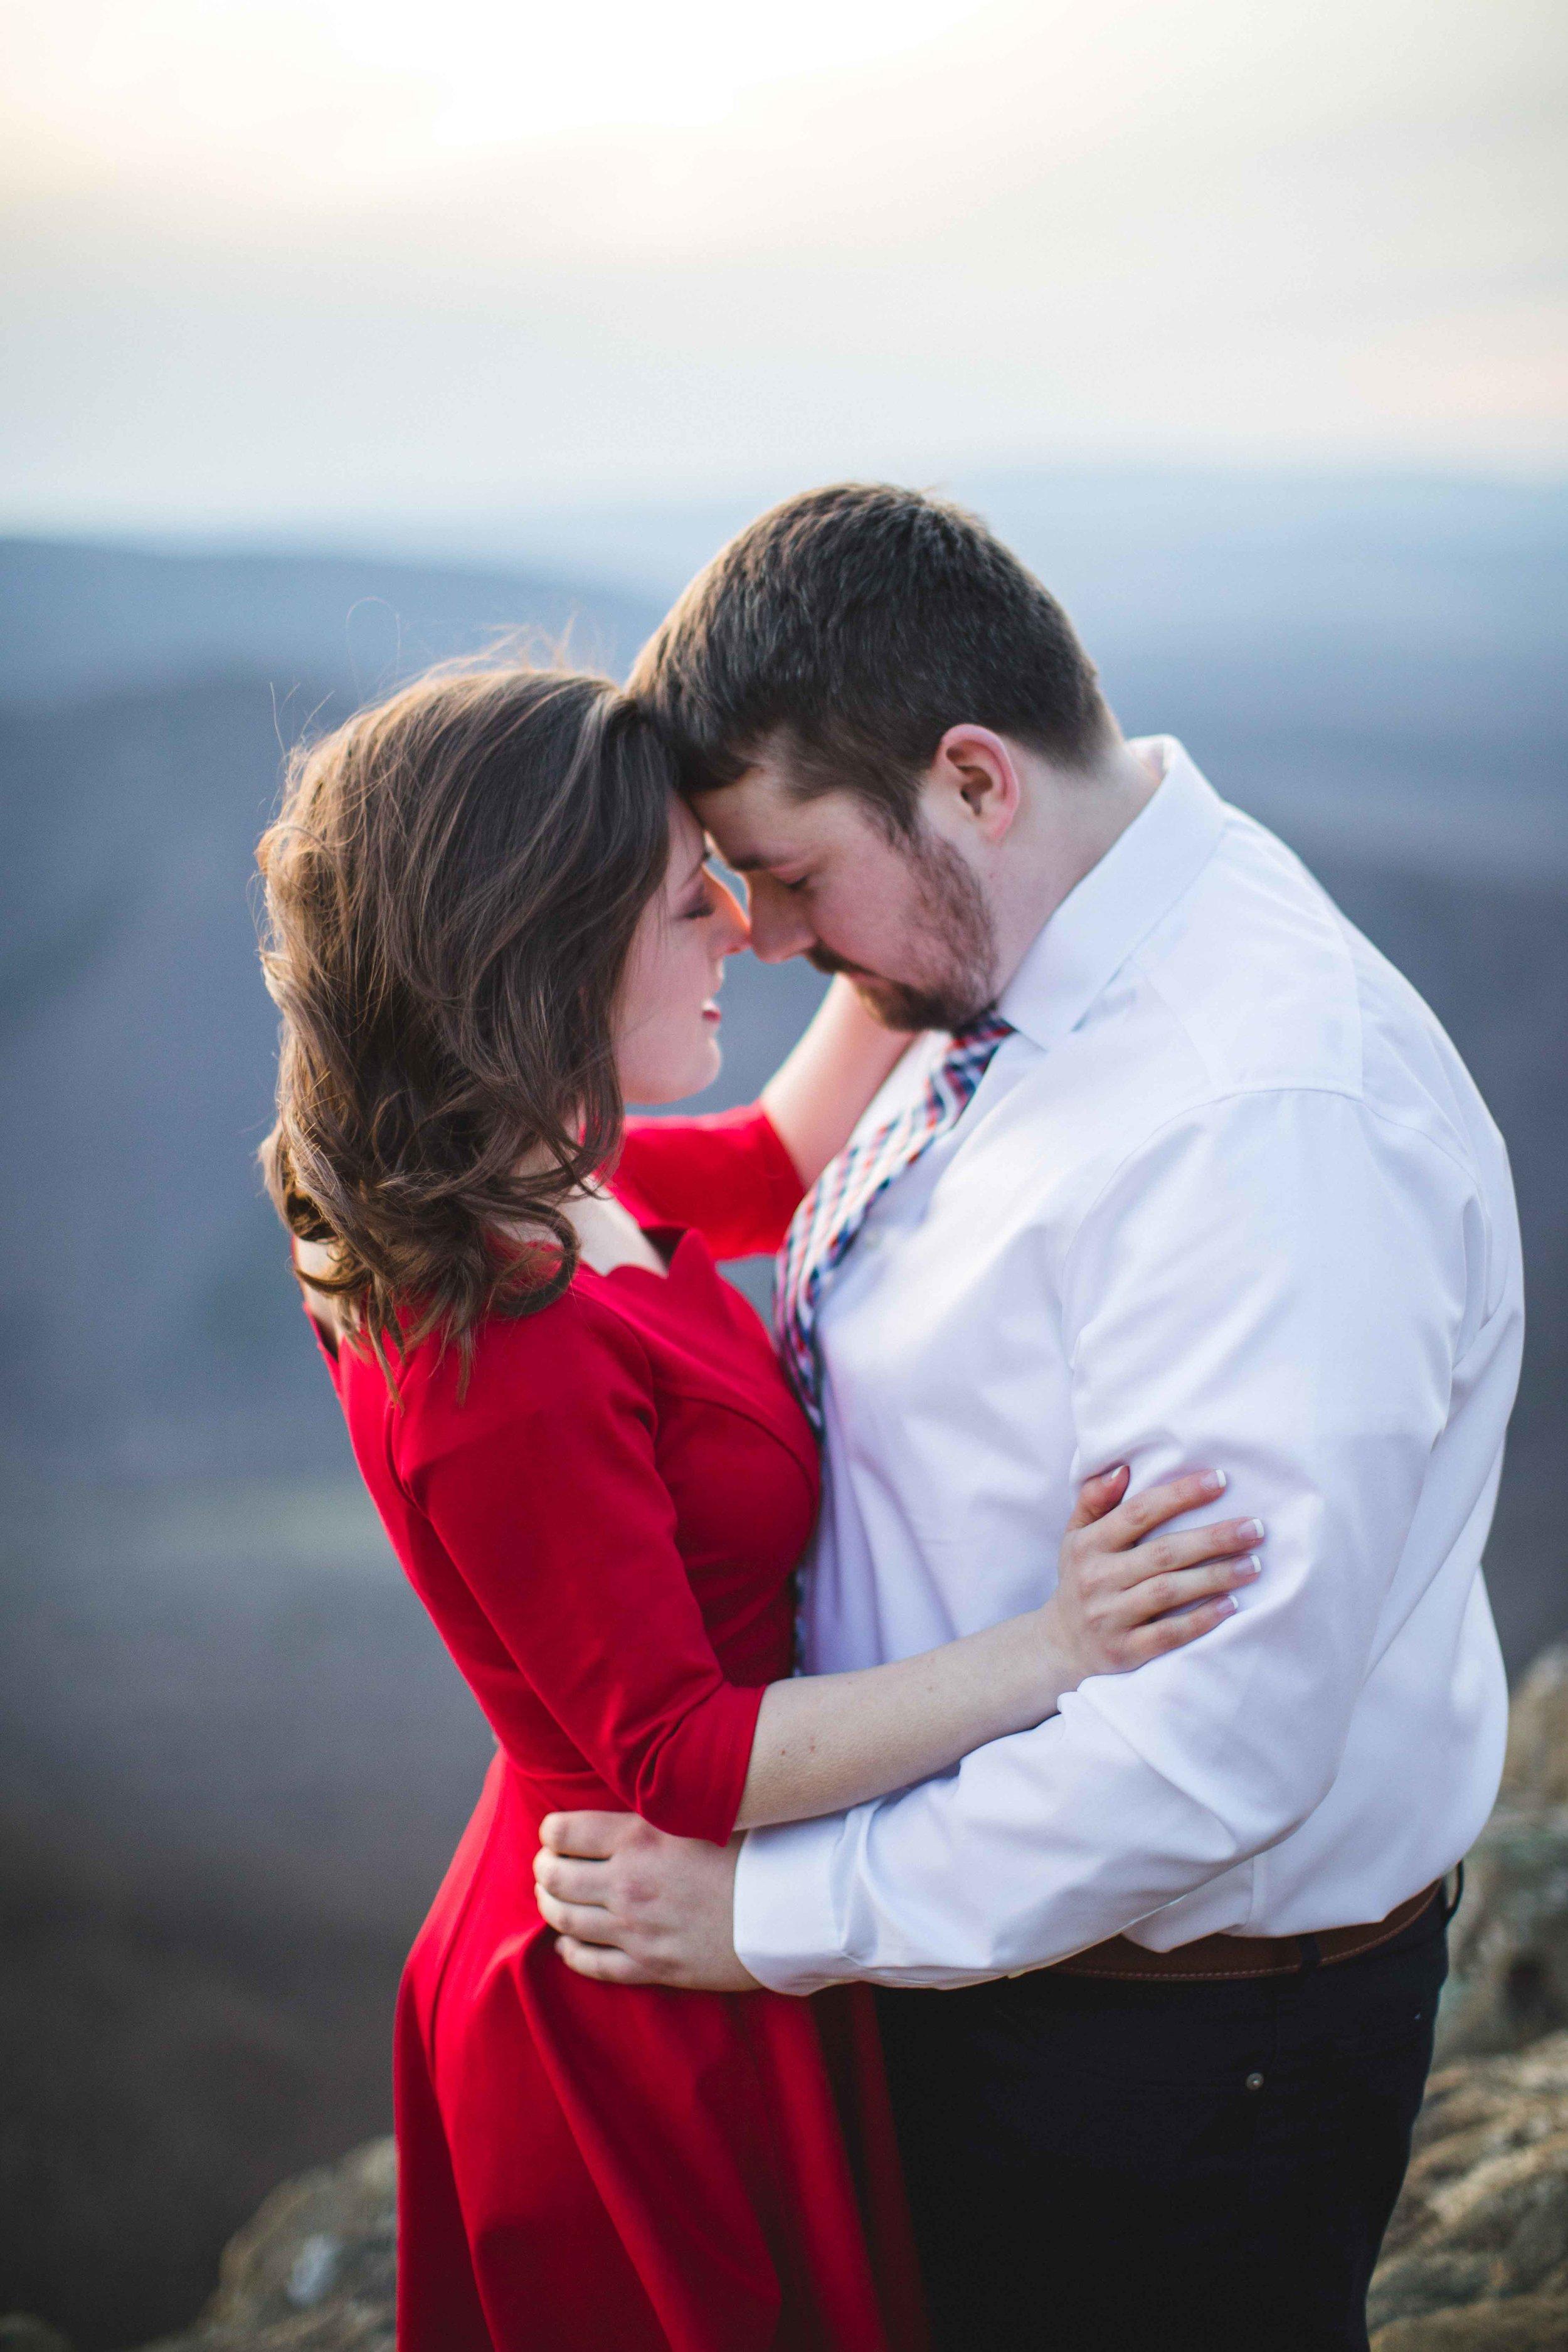 shenandoah-national-park-engagement-shenandoah-wedding-photographer-39.jpg